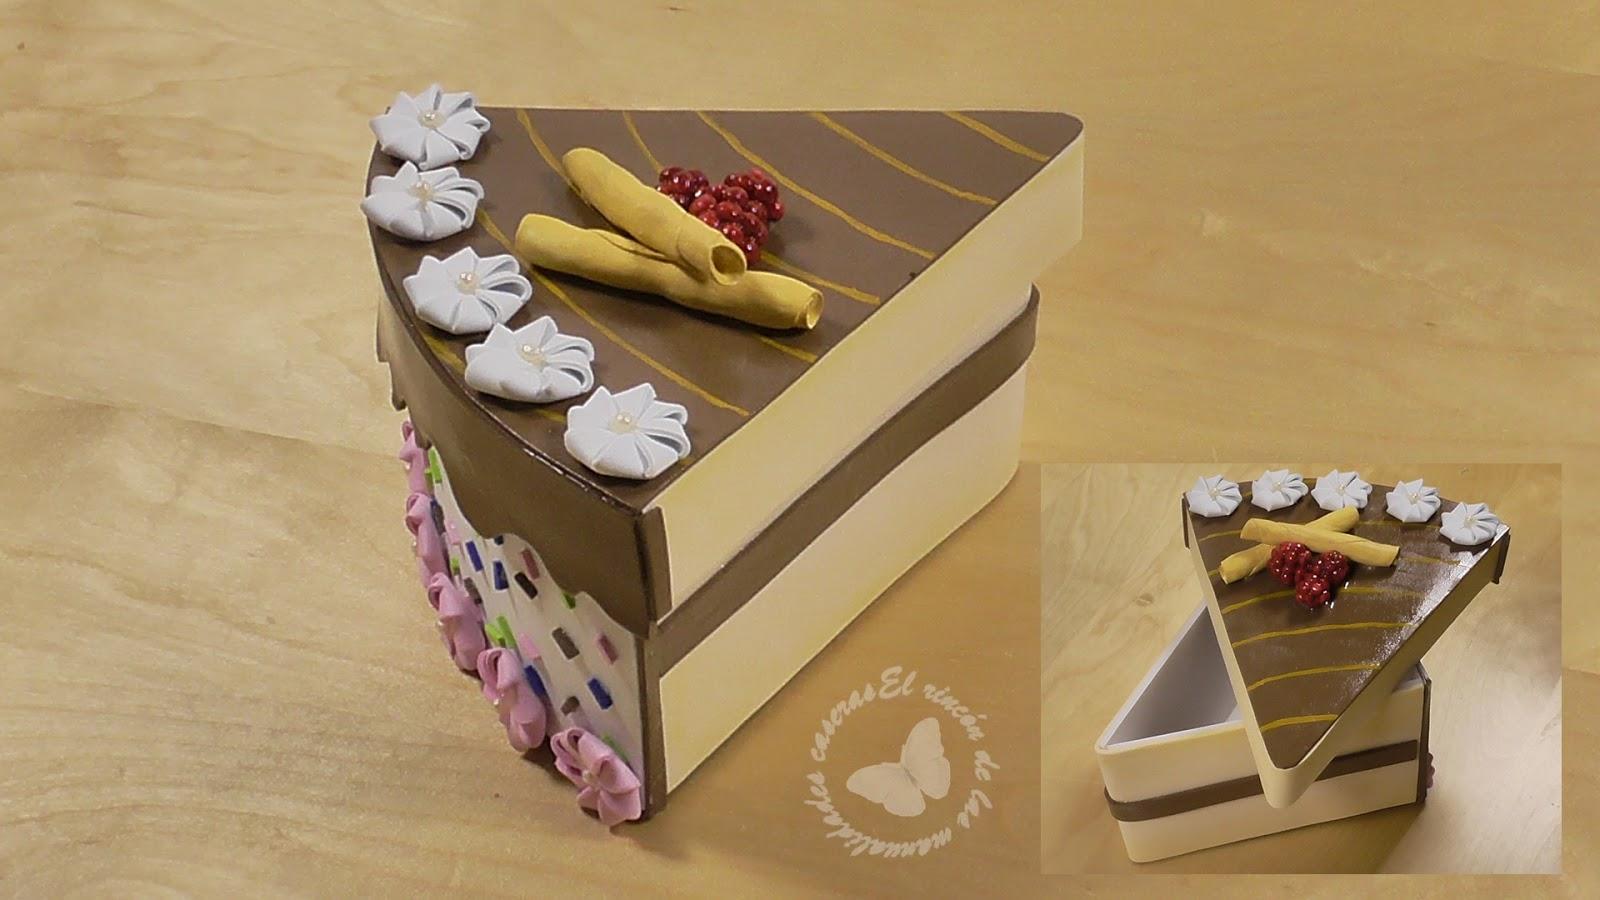 El rincn de las manualidades caseras Cmo hacer una caja tarta